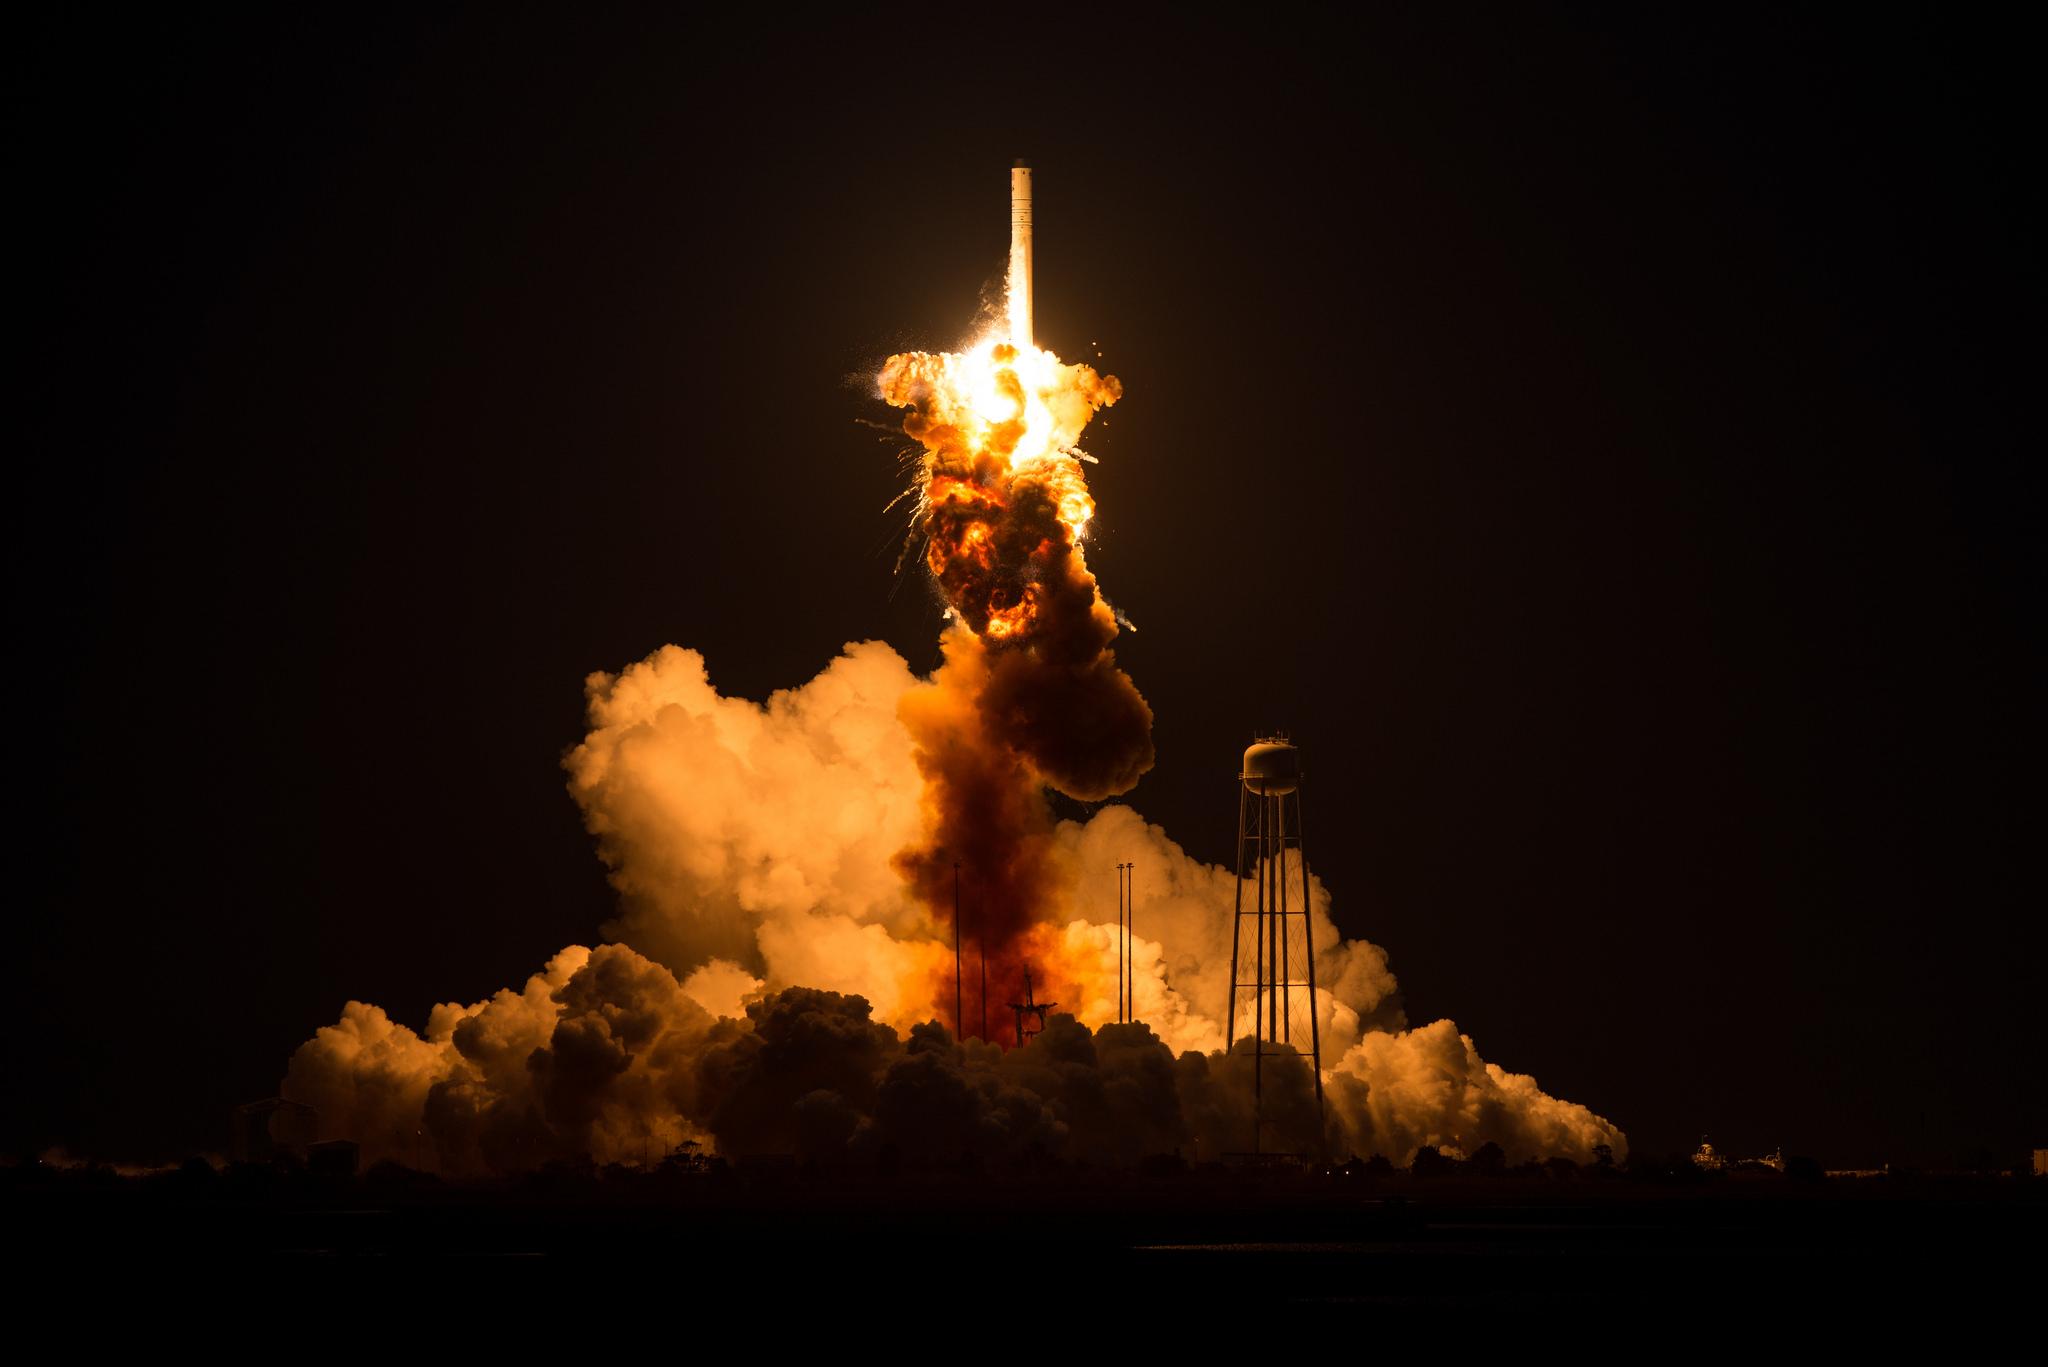 28 octobre 2014 - échec du lancement de la fusée Antares - Orbital ATK - Cygnus CRS-7 - NASA